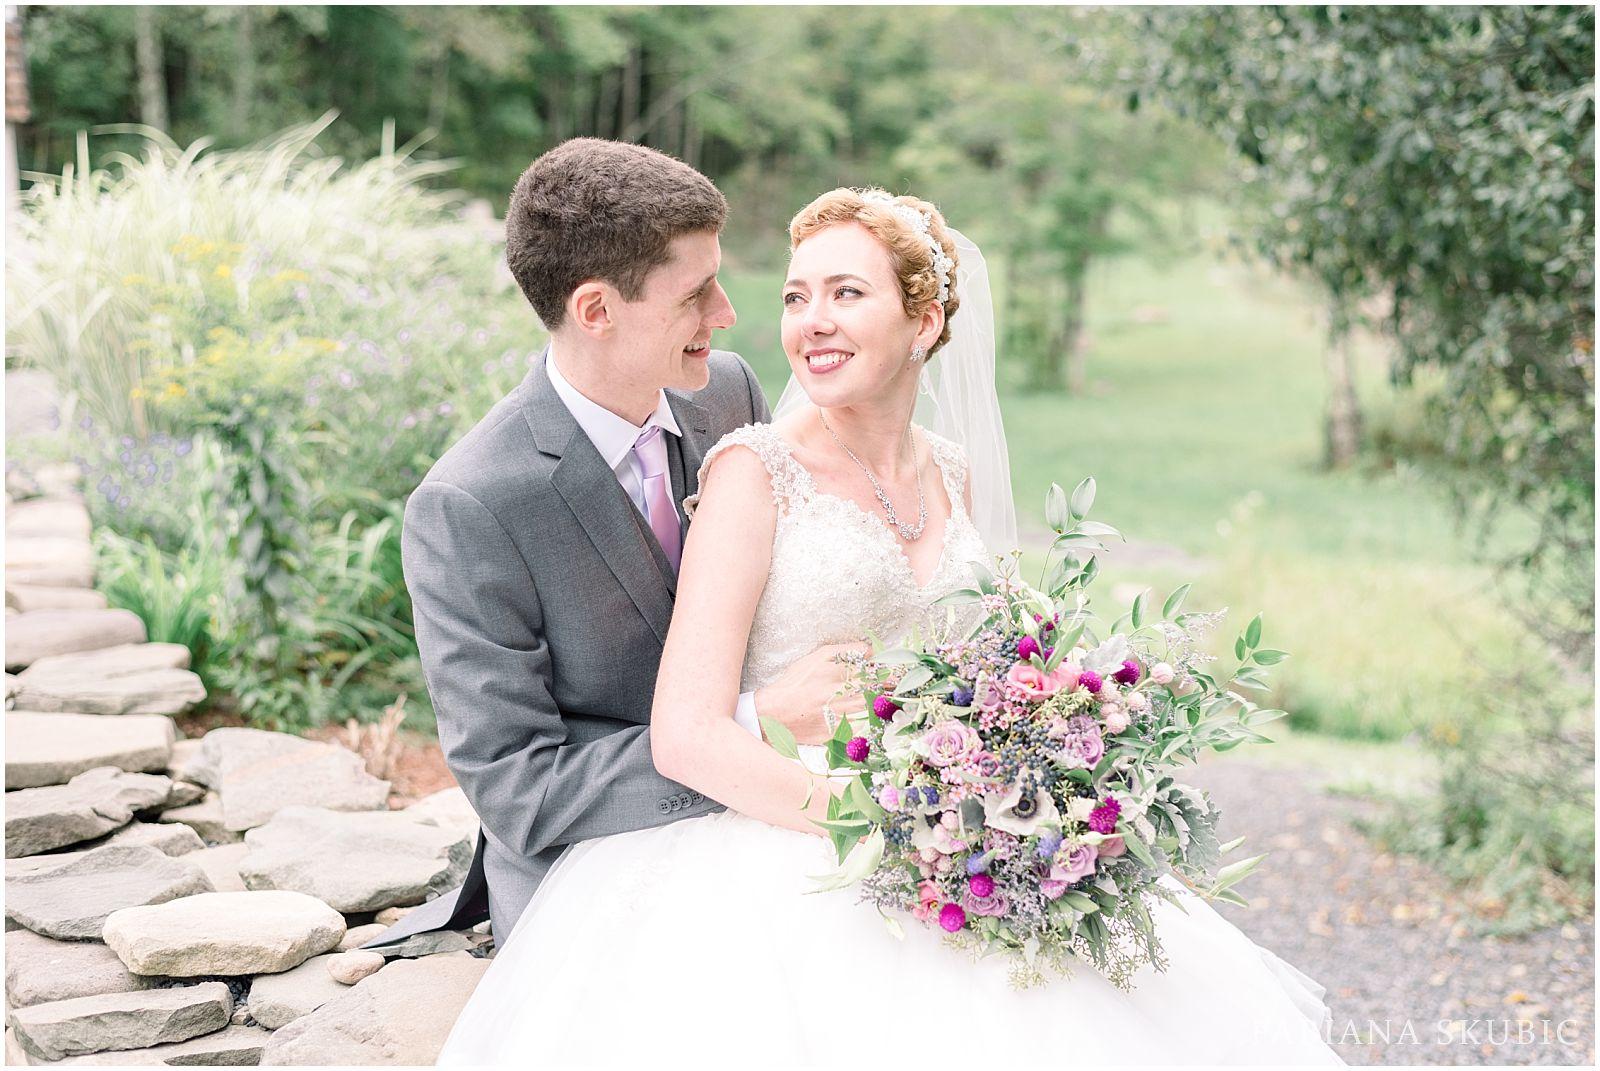 FabianaSkubic_J&M_FullMoonResort_Wedding_0052.jpg